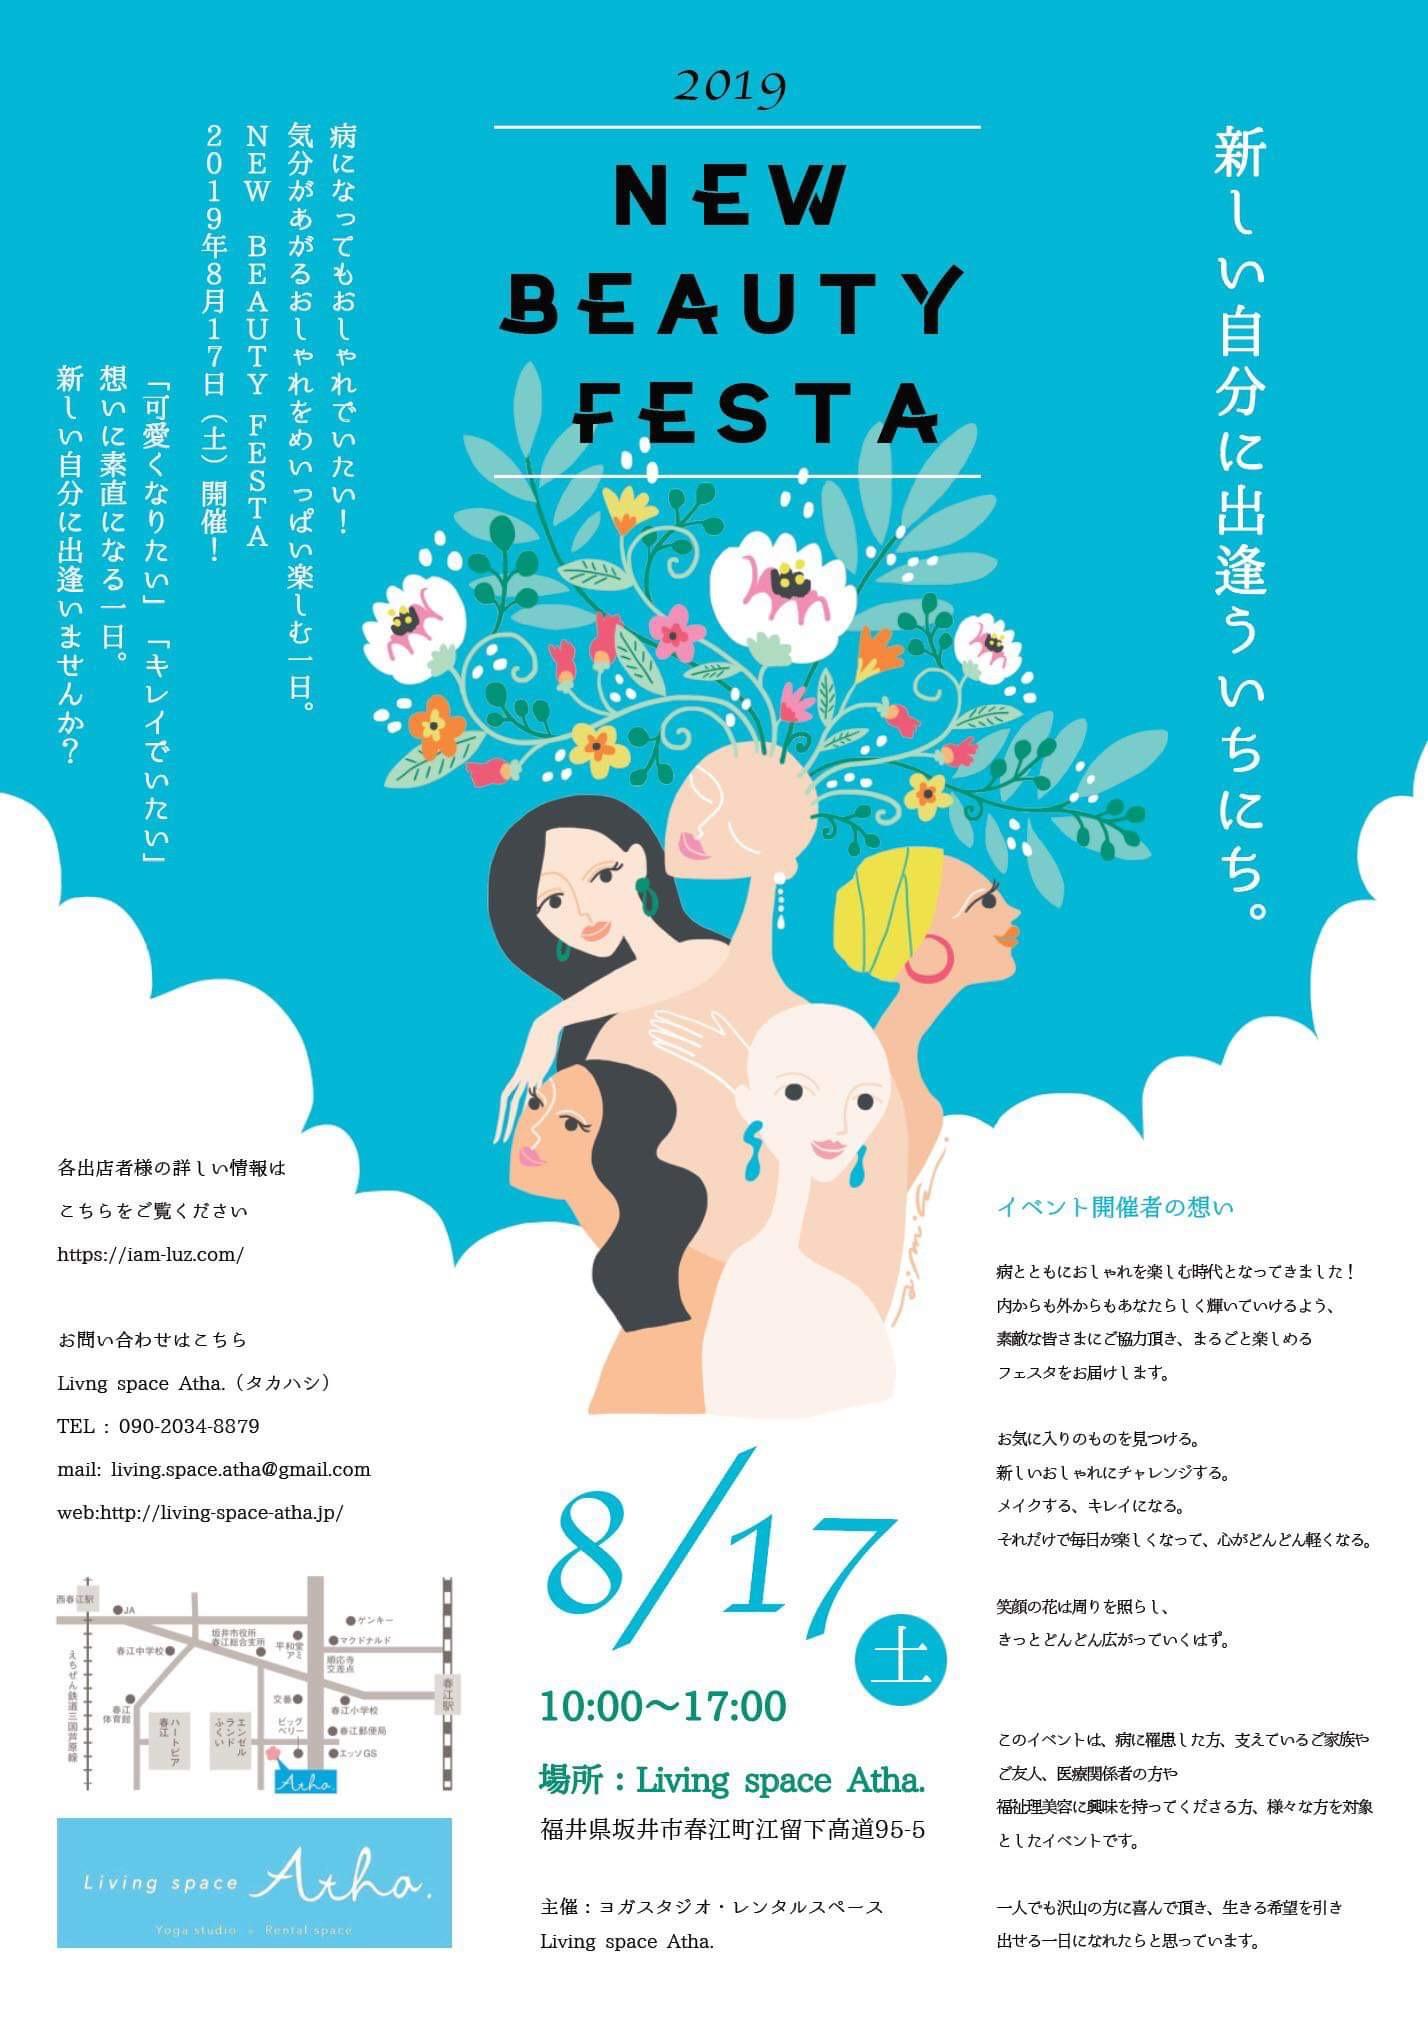 Living space Athaで開催されるビューティフェスタのポスター